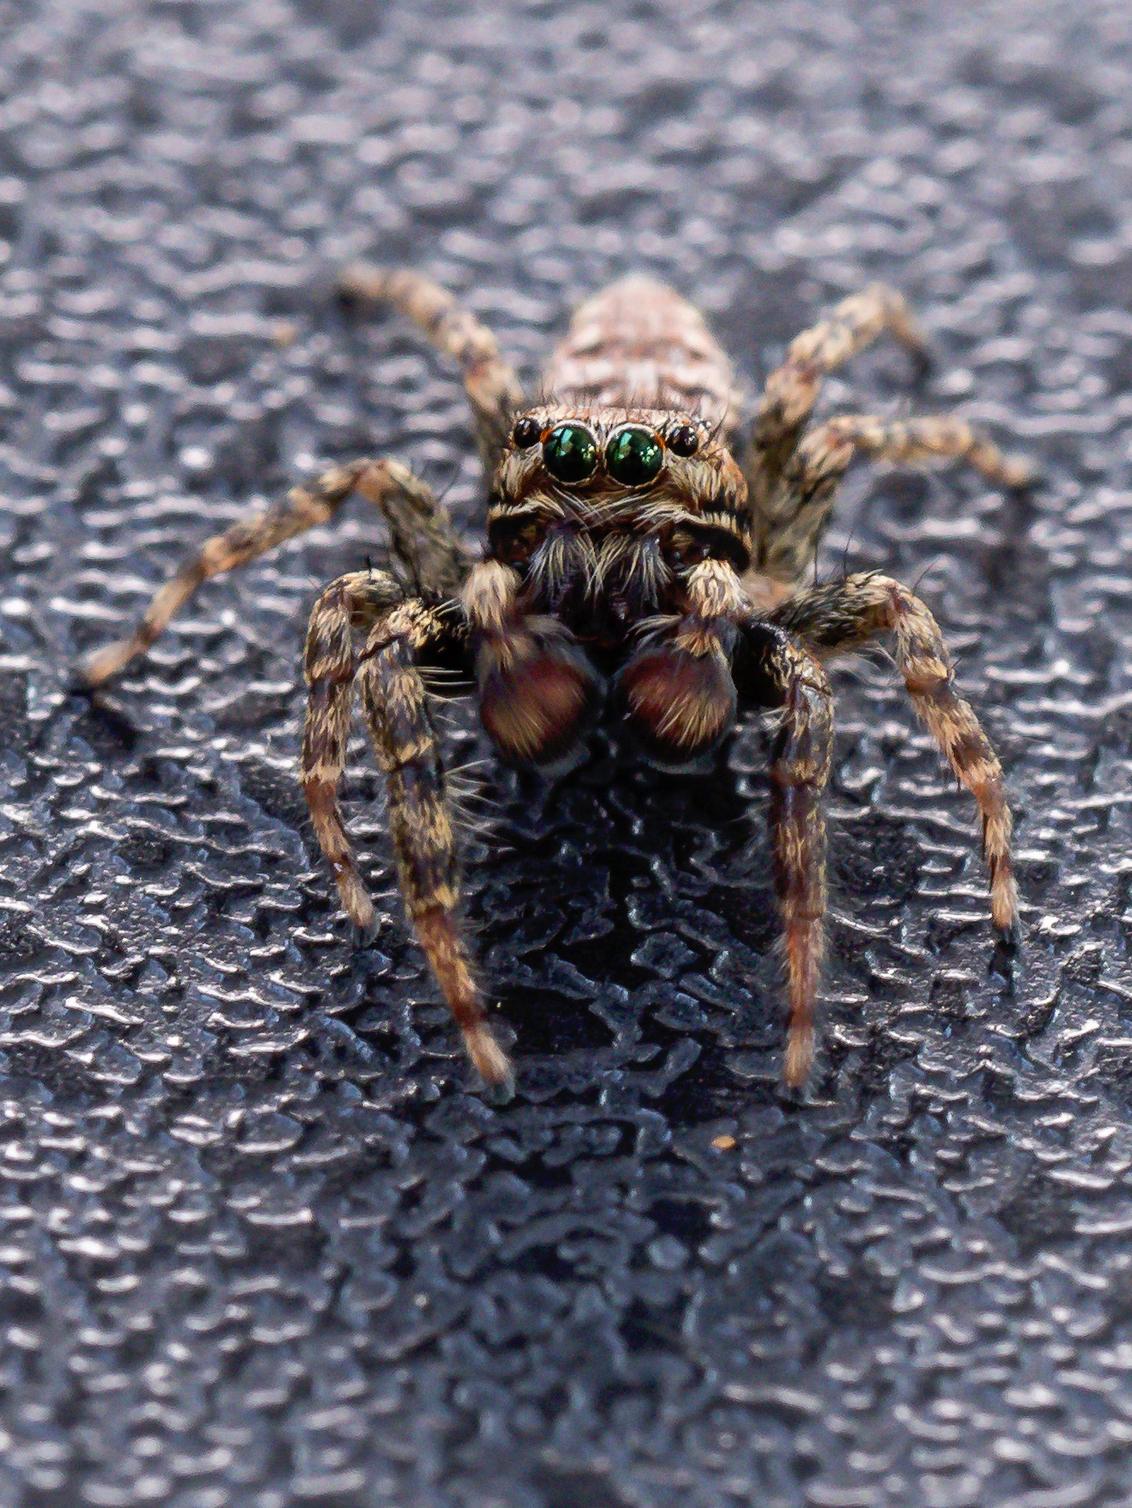 Springspin - Regelmatig kwam dit spinnetje op bezoek. Ik had graag wat meer scherpte en scherptediepte hierin gehad, maar het beestje was zo snel, waardoor het mo - foto door Tiem op 17-11-2020